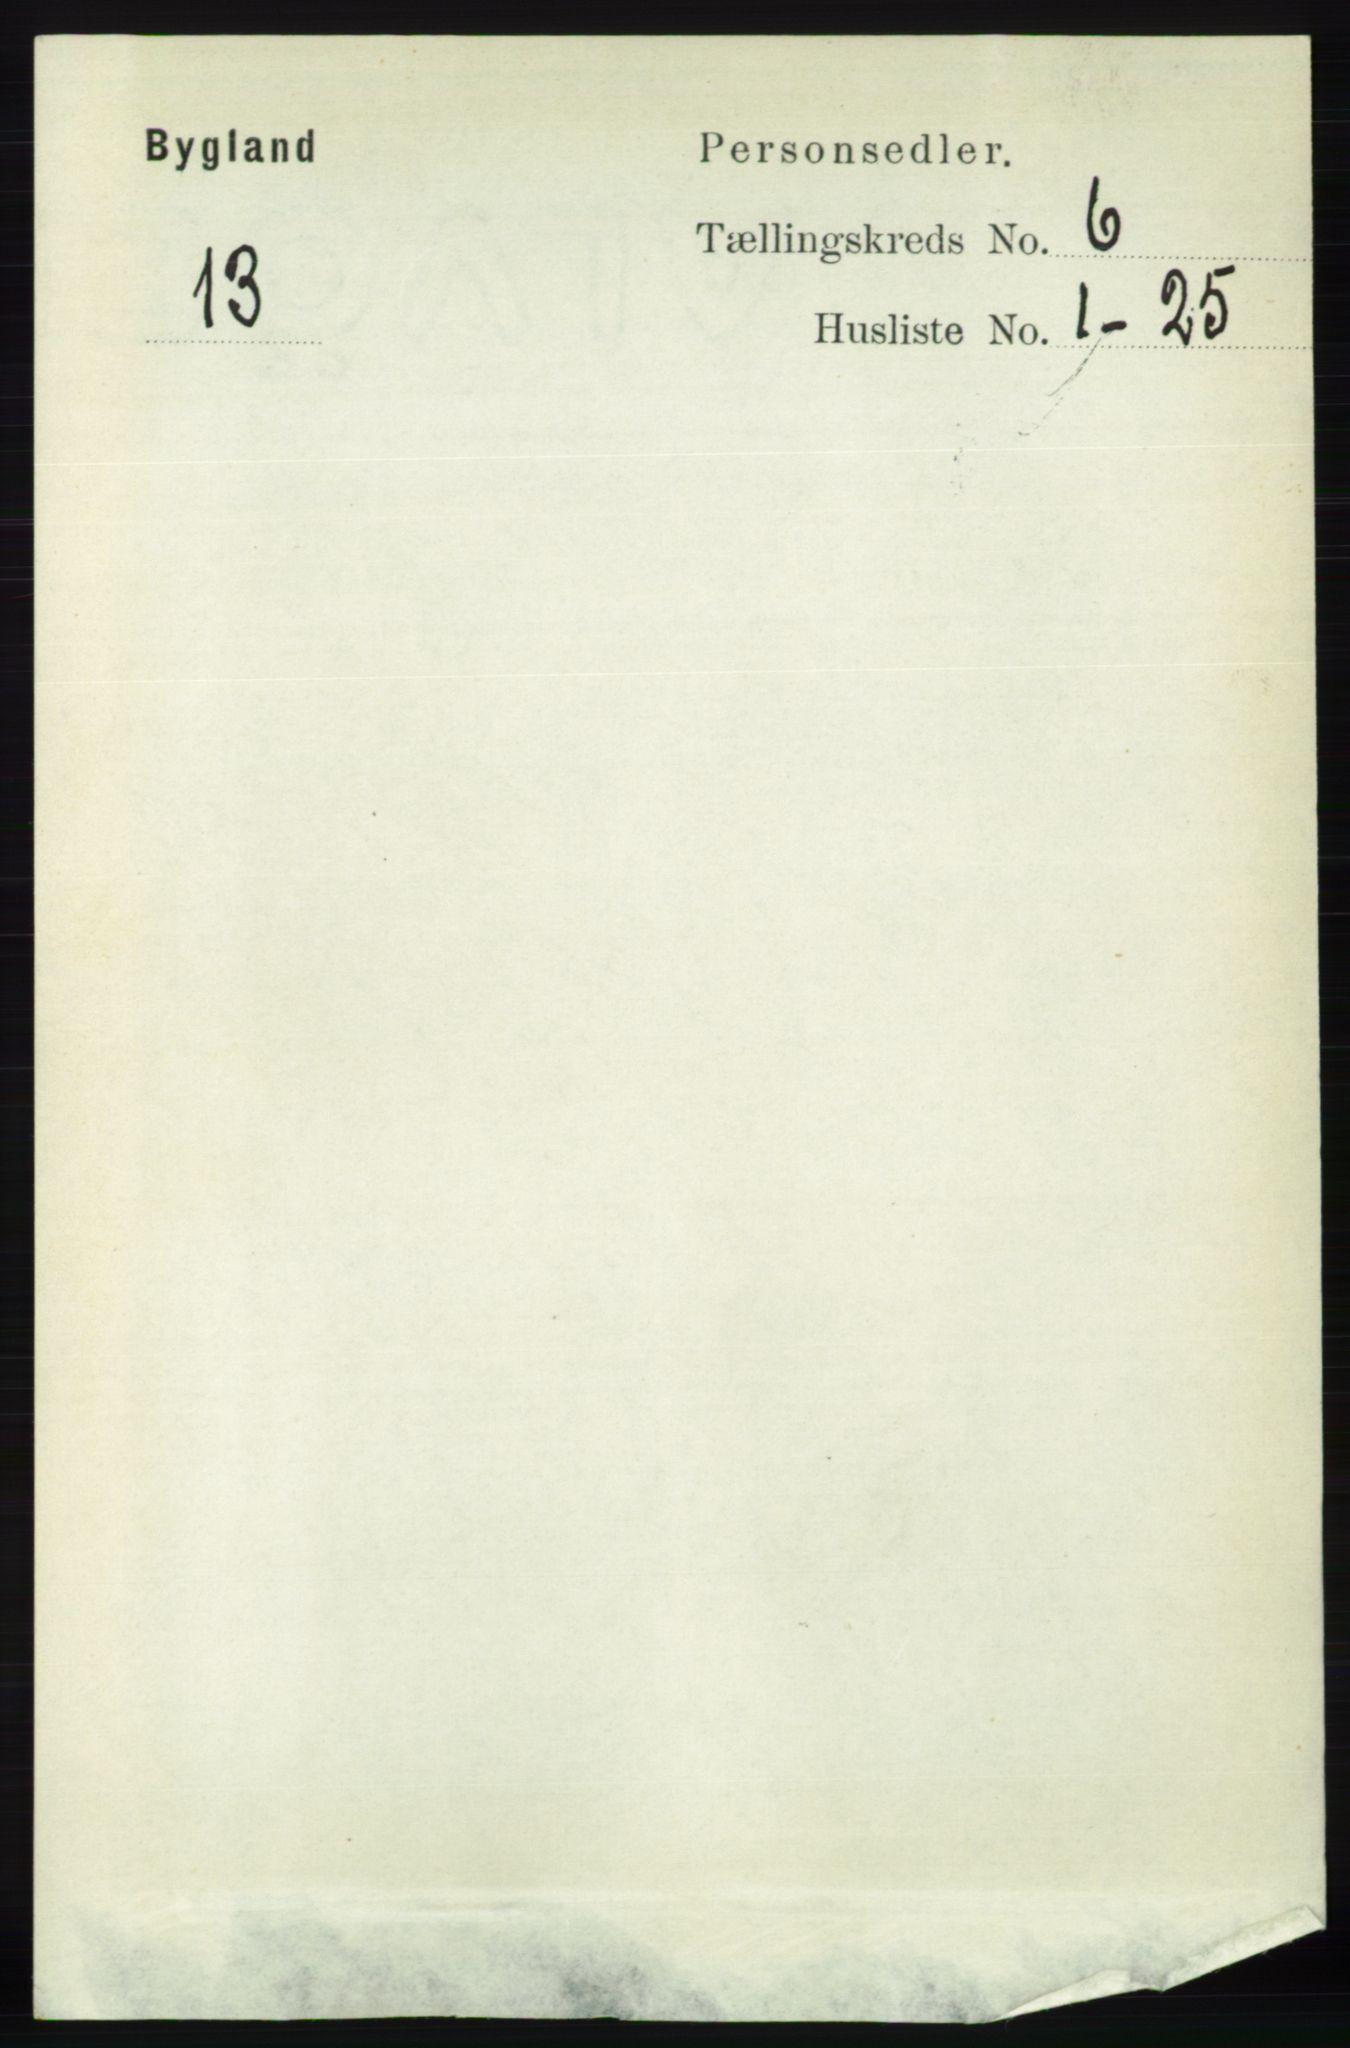 RA, Folketelling 1891 for 0938 Bygland herred, 1891, s. 1335